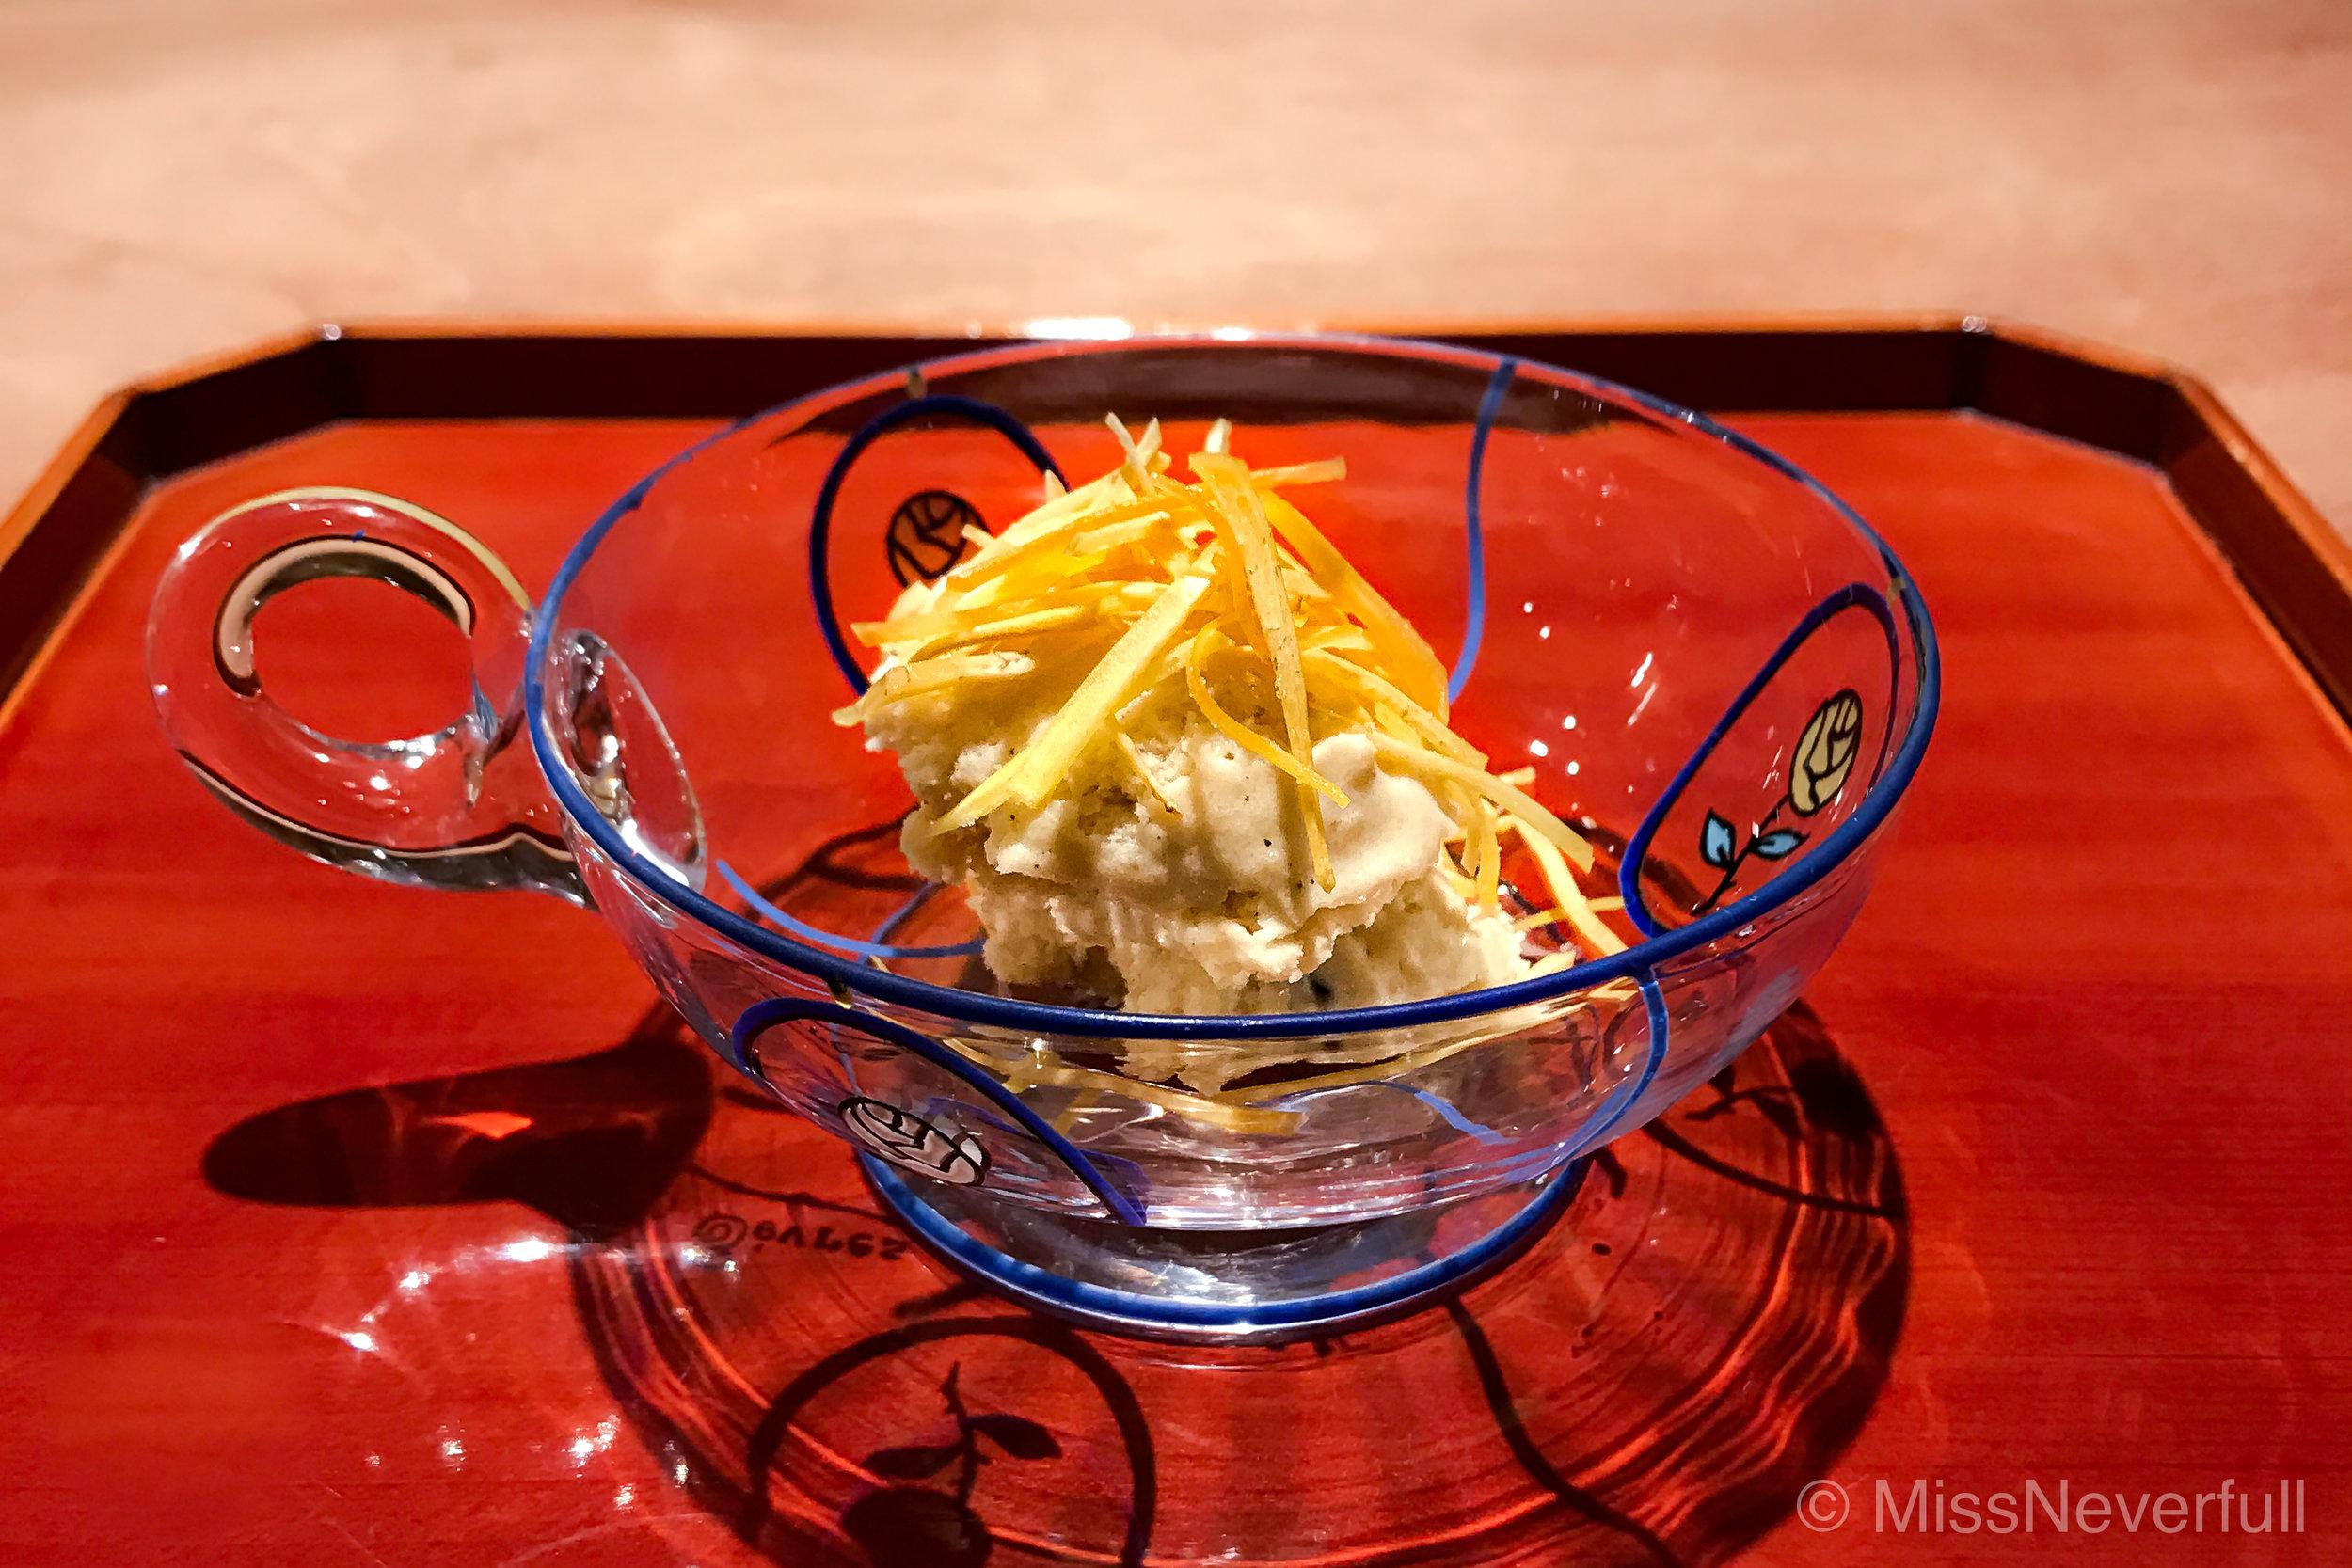 11. Dessert: Grilled chestnut ice cream & chestnut chips